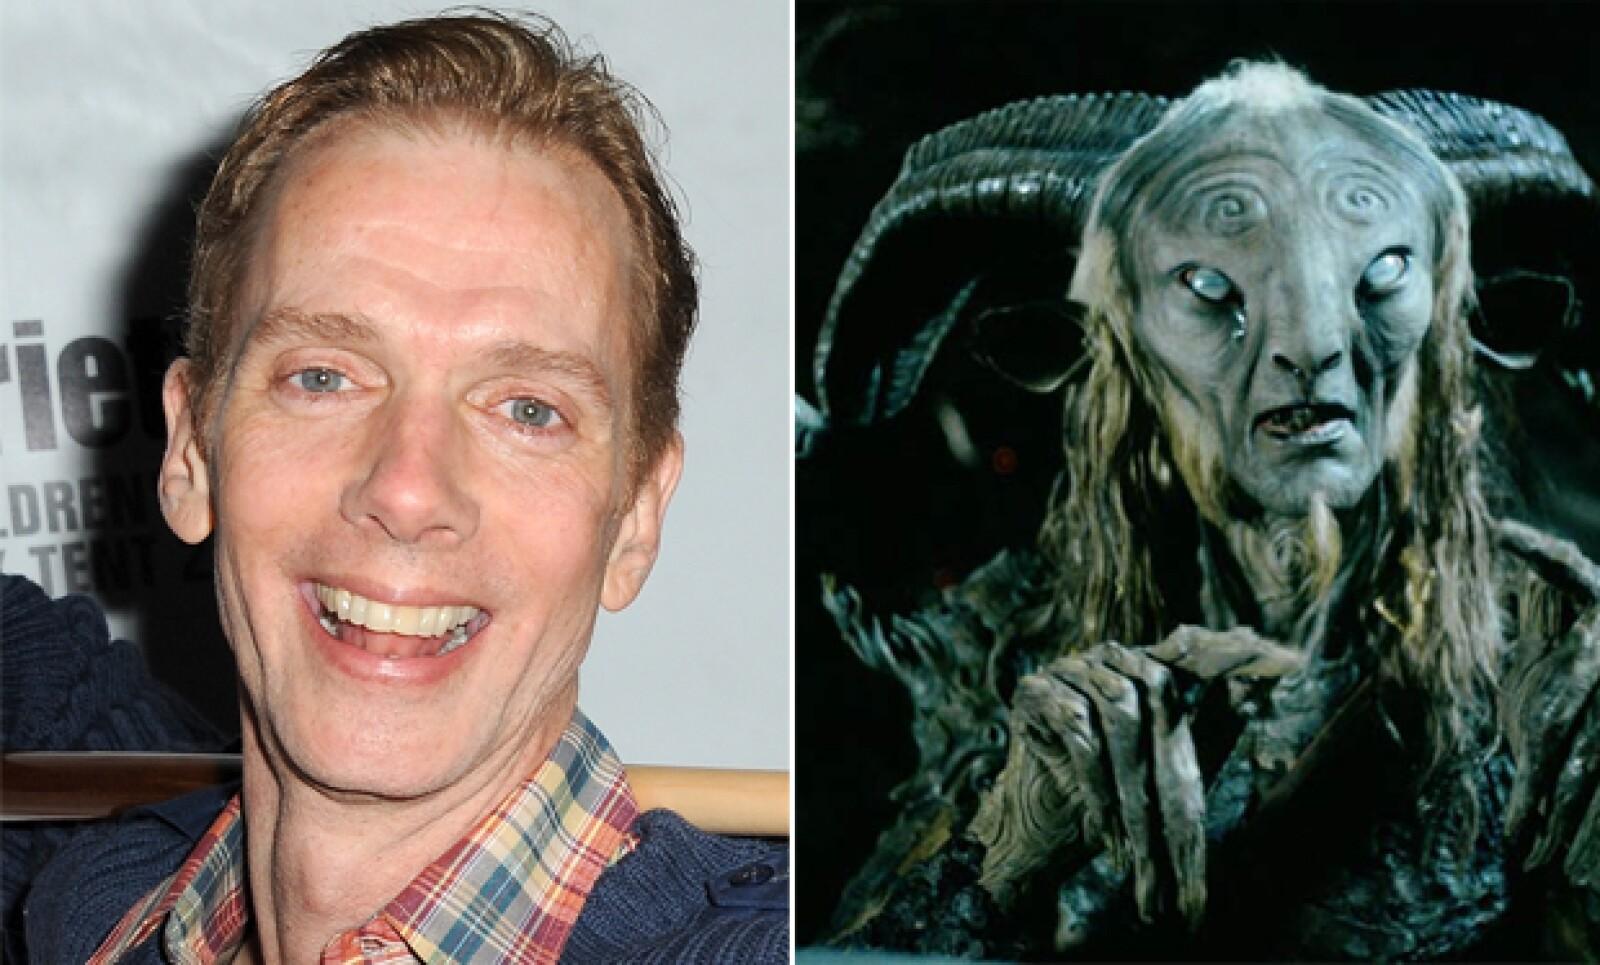 Doug Jones es quien da vida al fauno en la obra maestra de Guillermo del Toro. Totalmente irreconocible.